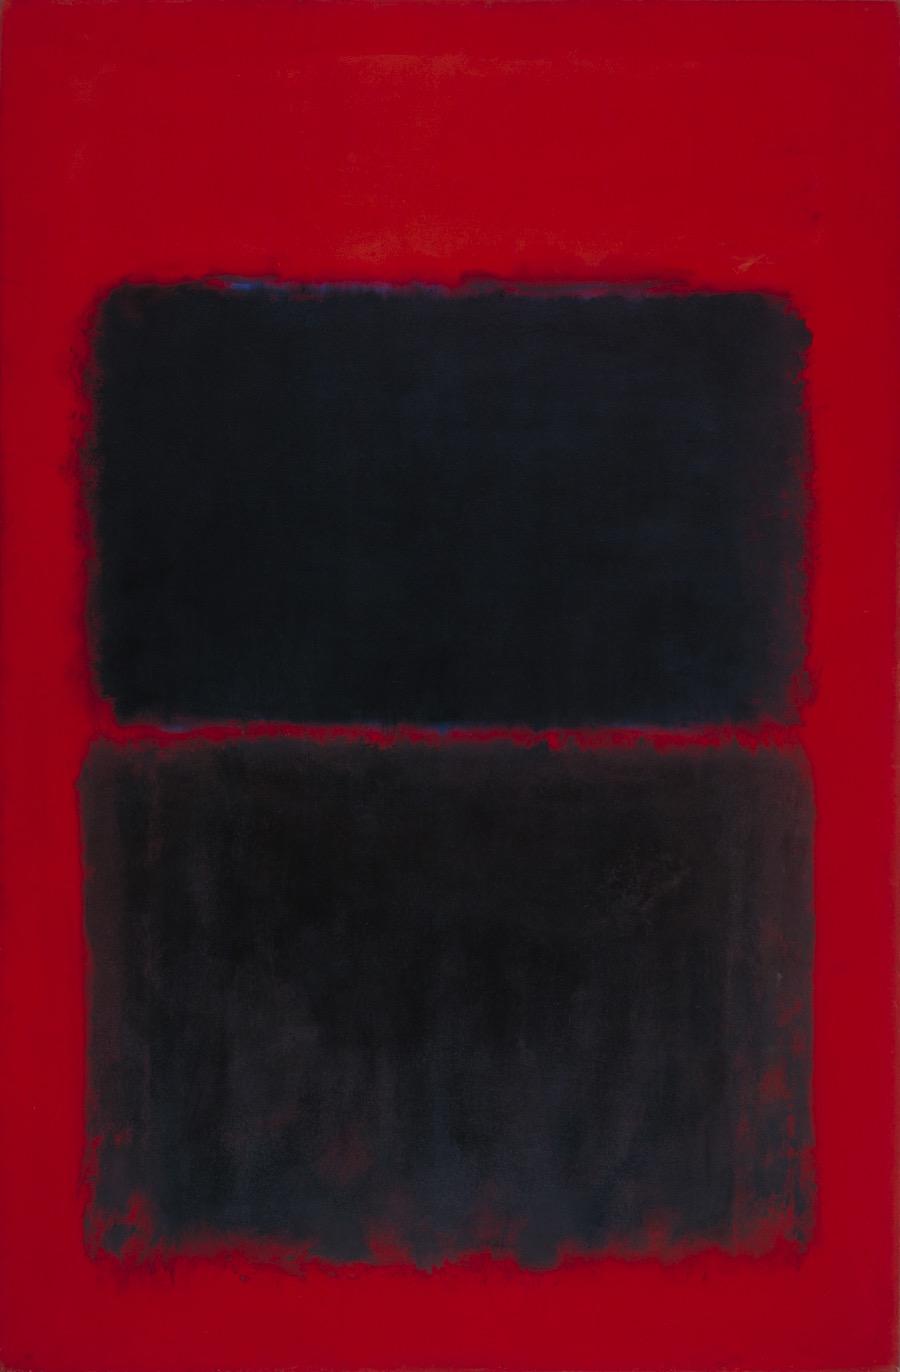 Mark Rothko, Light Red Over Black 1957_lrg_web